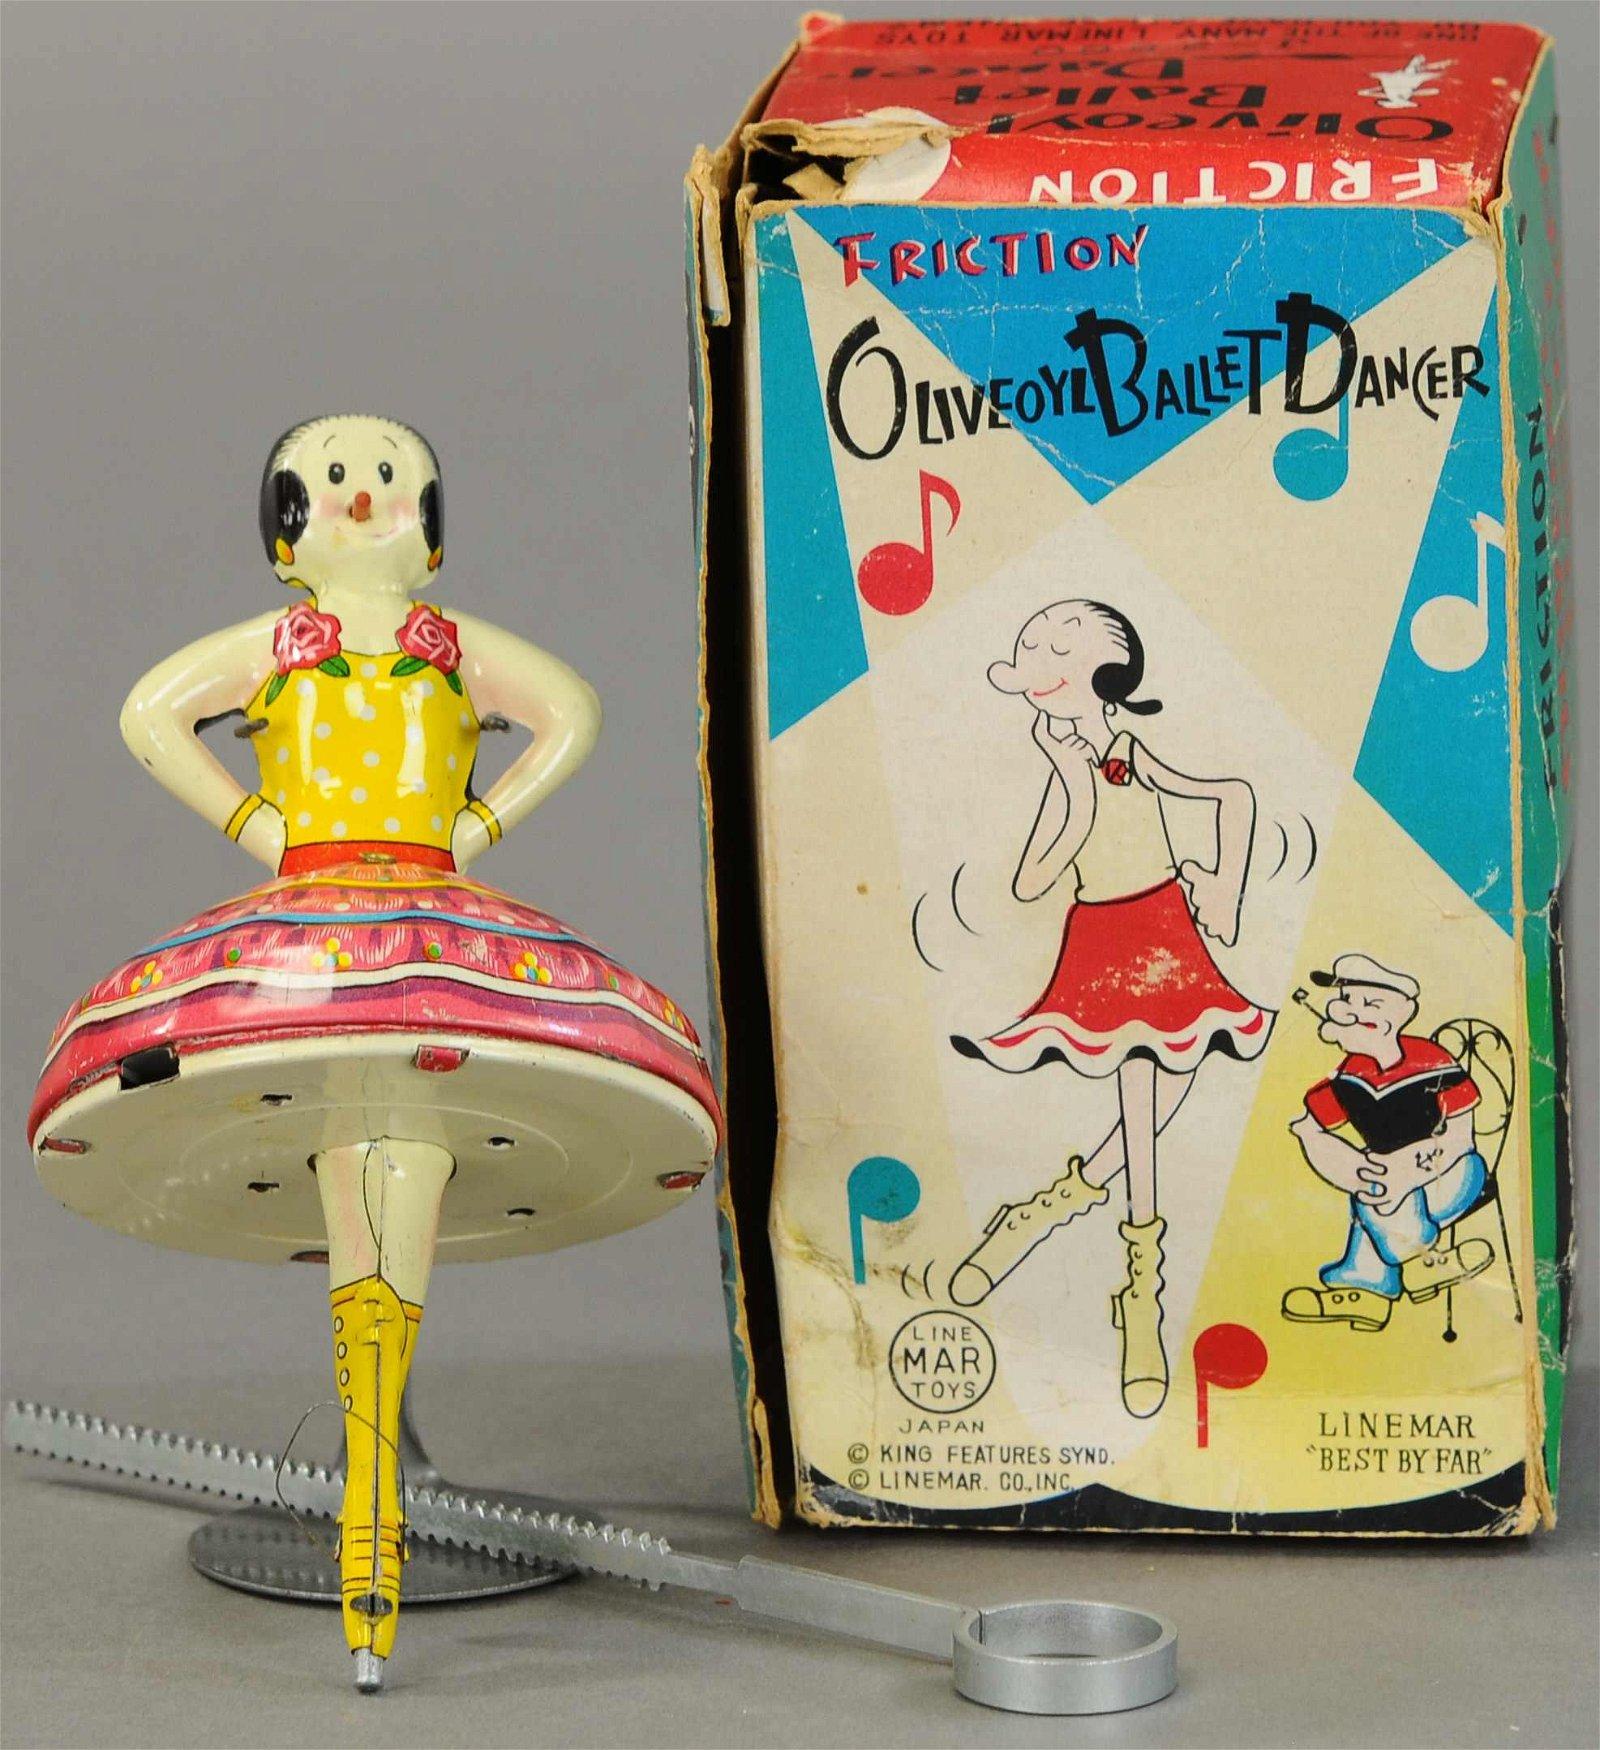 BOXED LINEMAR OLIVE OYL BALLET DANCER